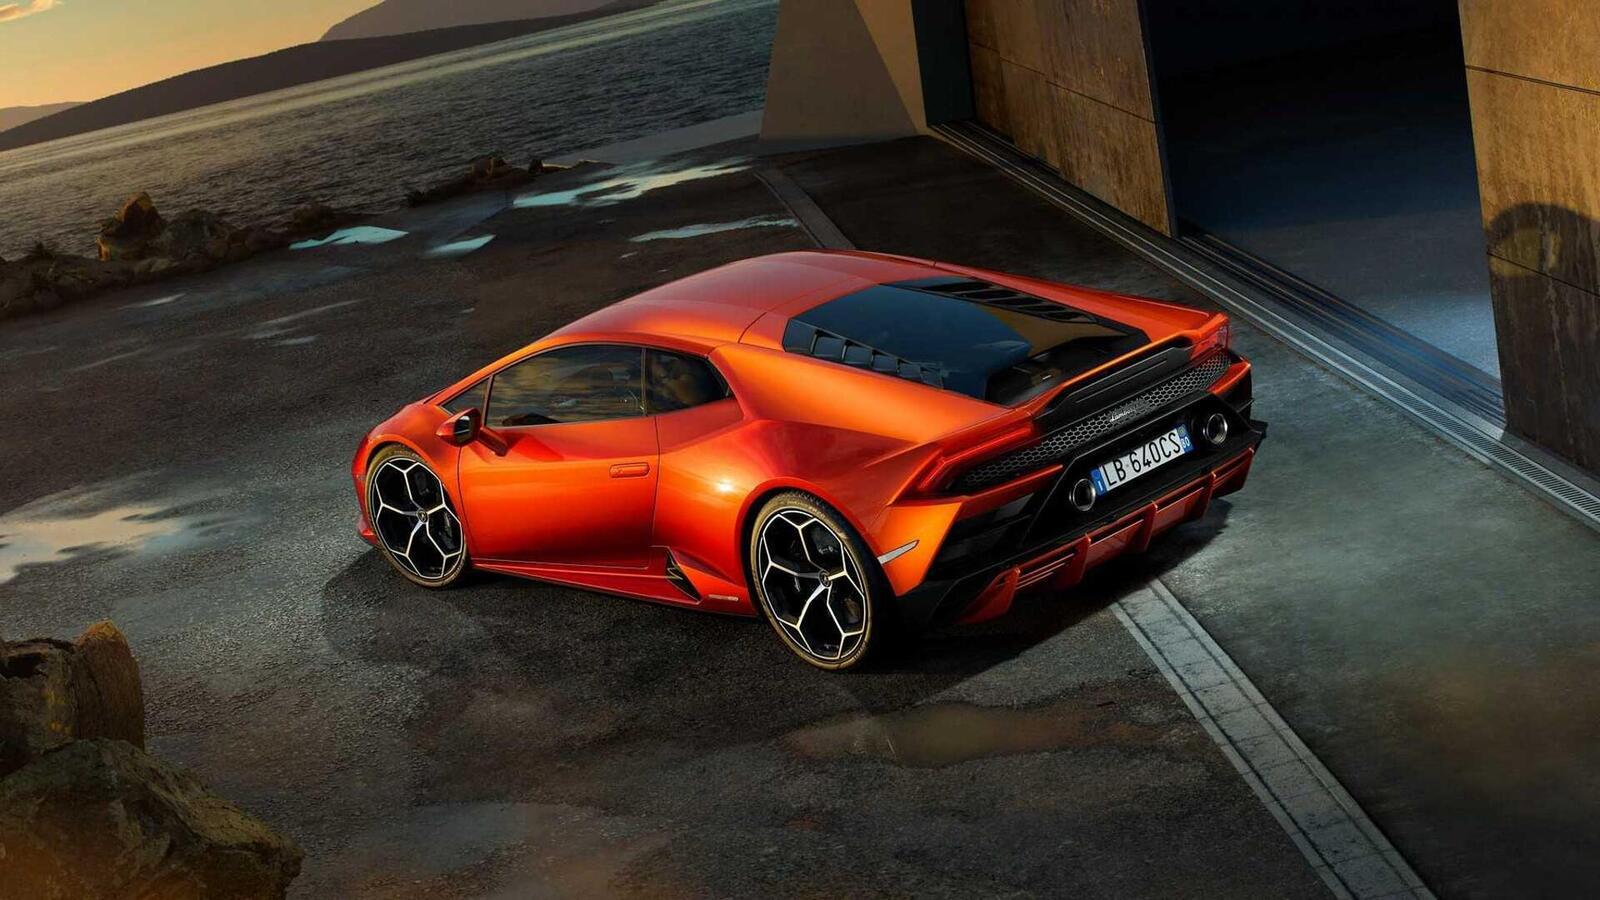 Lamborghini giới thiệu Huracan EVO mới với sức mạnh 640 mã lực - Hình 11